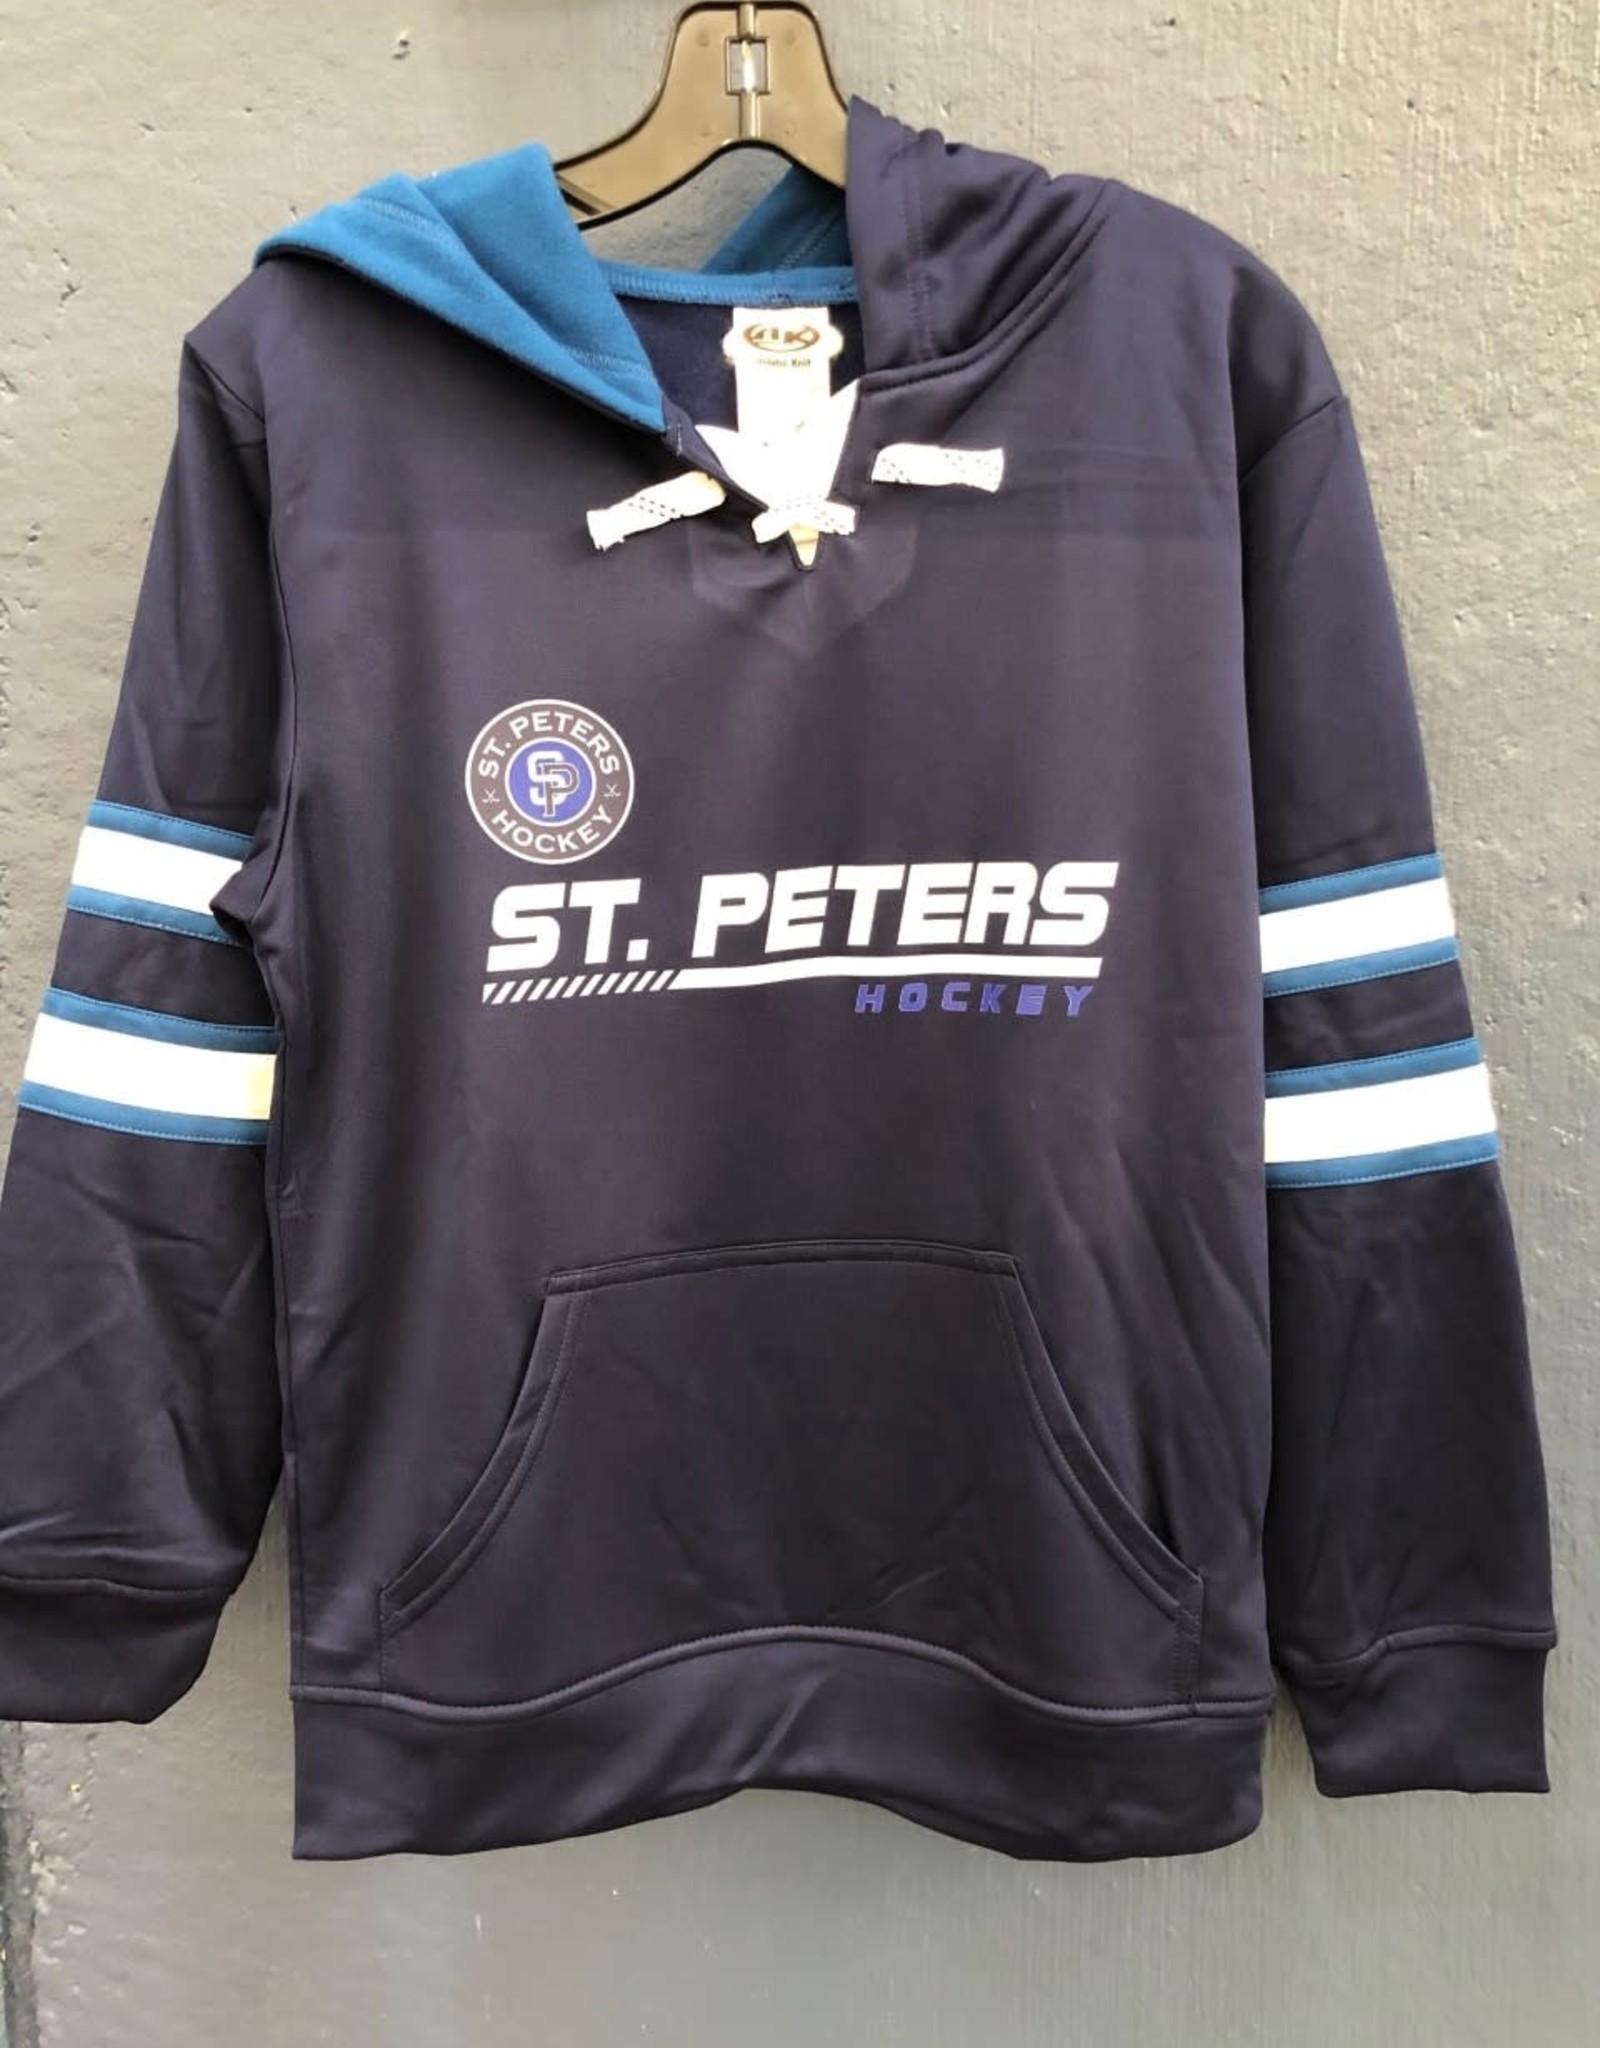 AK STP AK Elite Jersey Lace Up Hoodie (YOUTH)